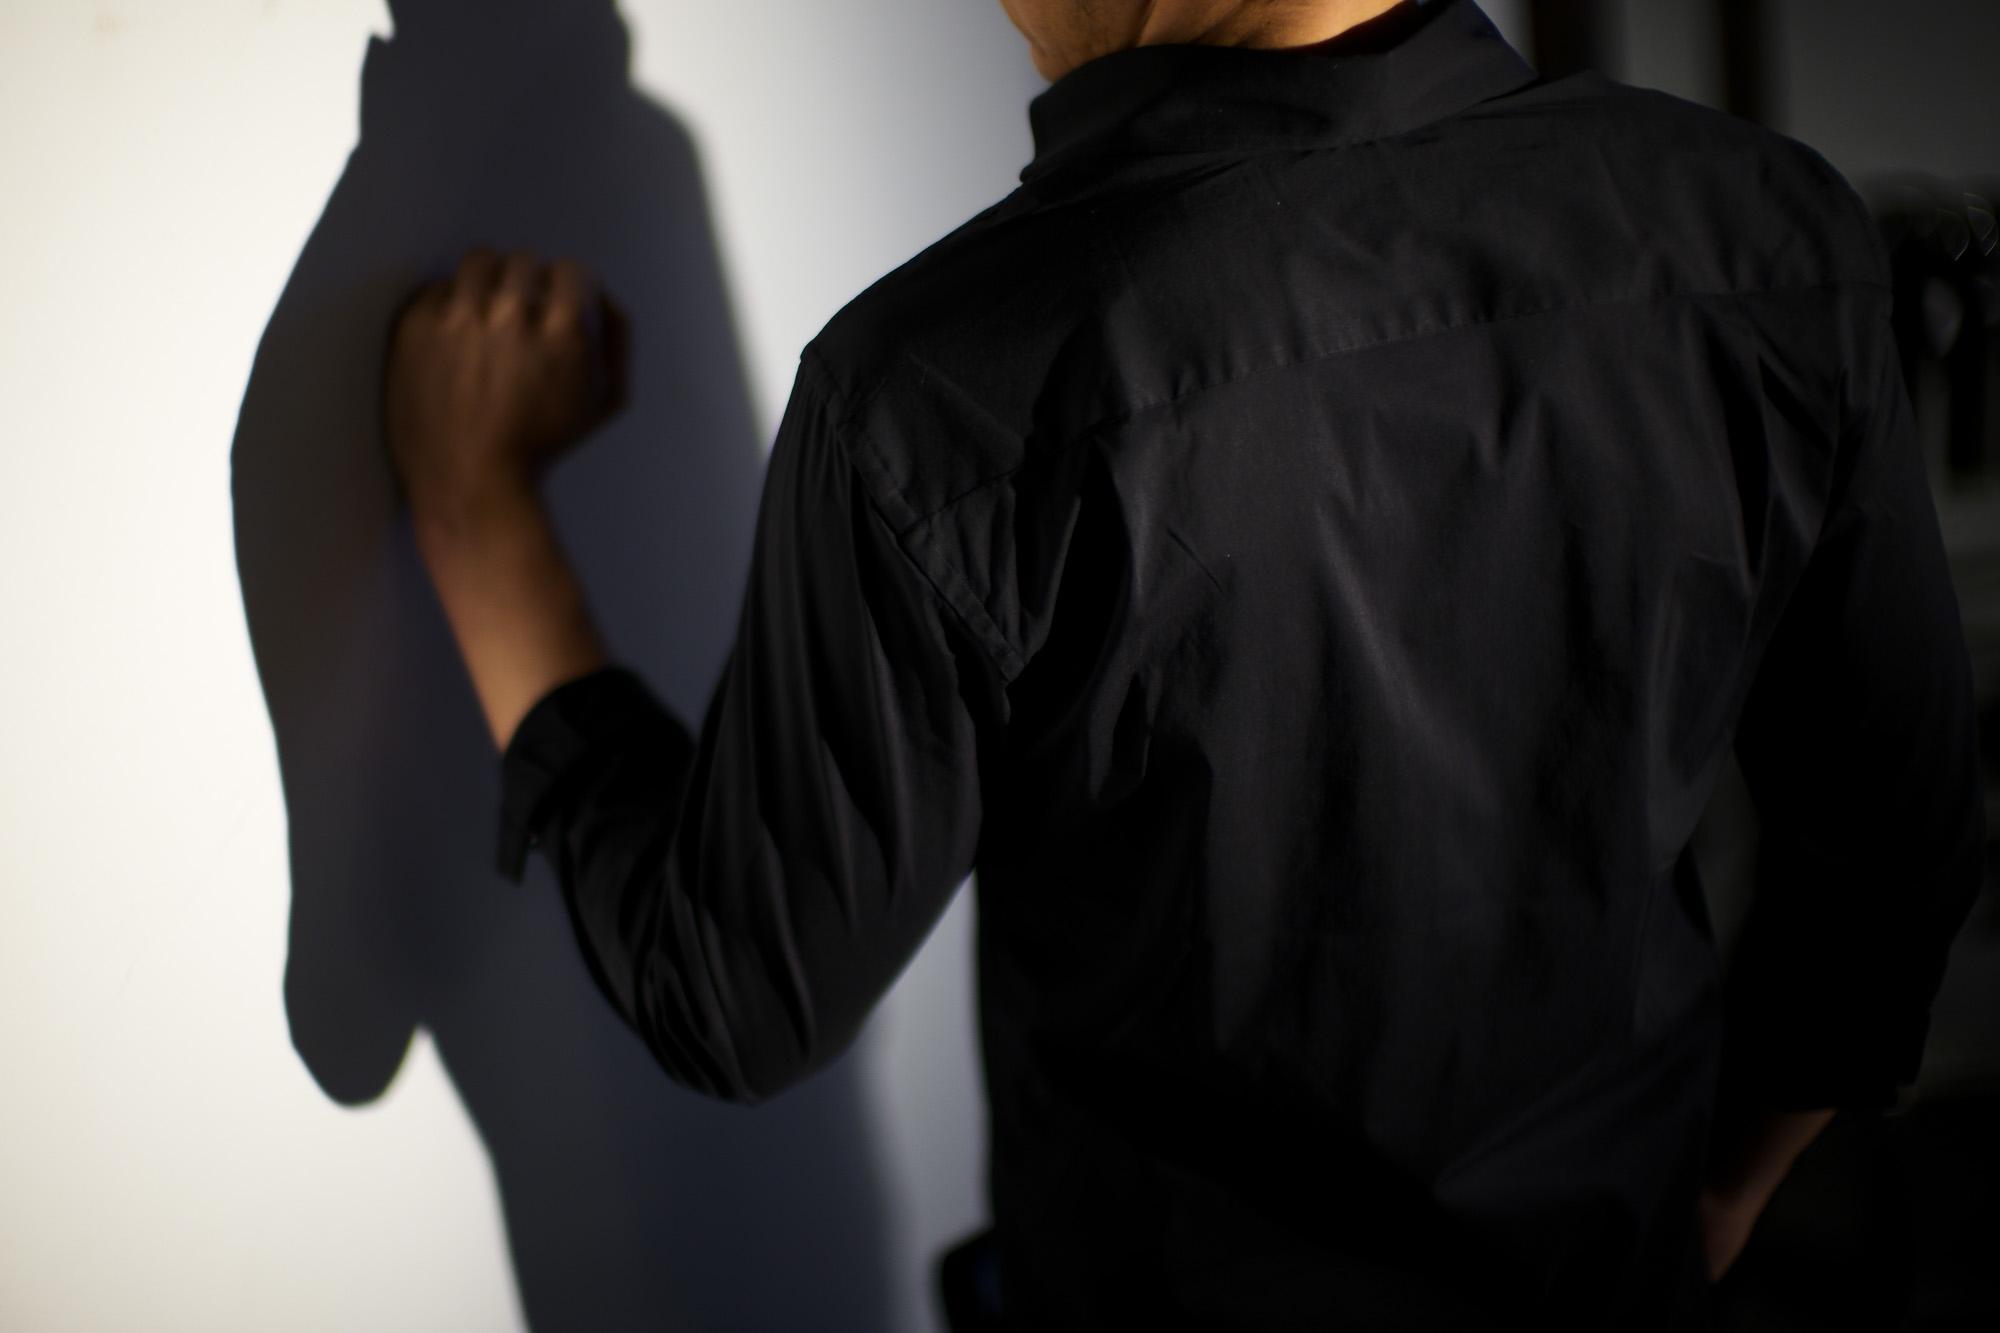 Cuervo (クエルボ) Sartoria Collection (サルトリア コレクション) Pier(ピエル) STRETCH COTTON ストレッチコットン シャツ BLACK (ブラック),NAVY(ネイビー),WHITE(ホワイト),SAX(サックス),BEIGE(ベージュ),BORDEAUX (ボルドー) MADE IN ITALY (イタリア製) 2019 春夏 【第2便ご予約受付中】【新色ホワイト、サックス、ベージュ、ボルドー追加】イタリアシャツ 愛知 名古屋 altoediritto アルトエデリット